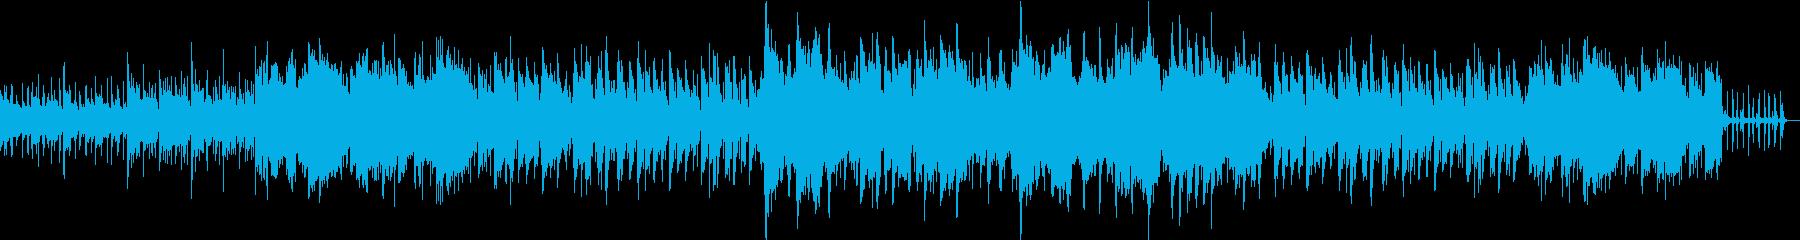 ほのぼのとした日常を彩るカントリー風の曲の再生済みの波形